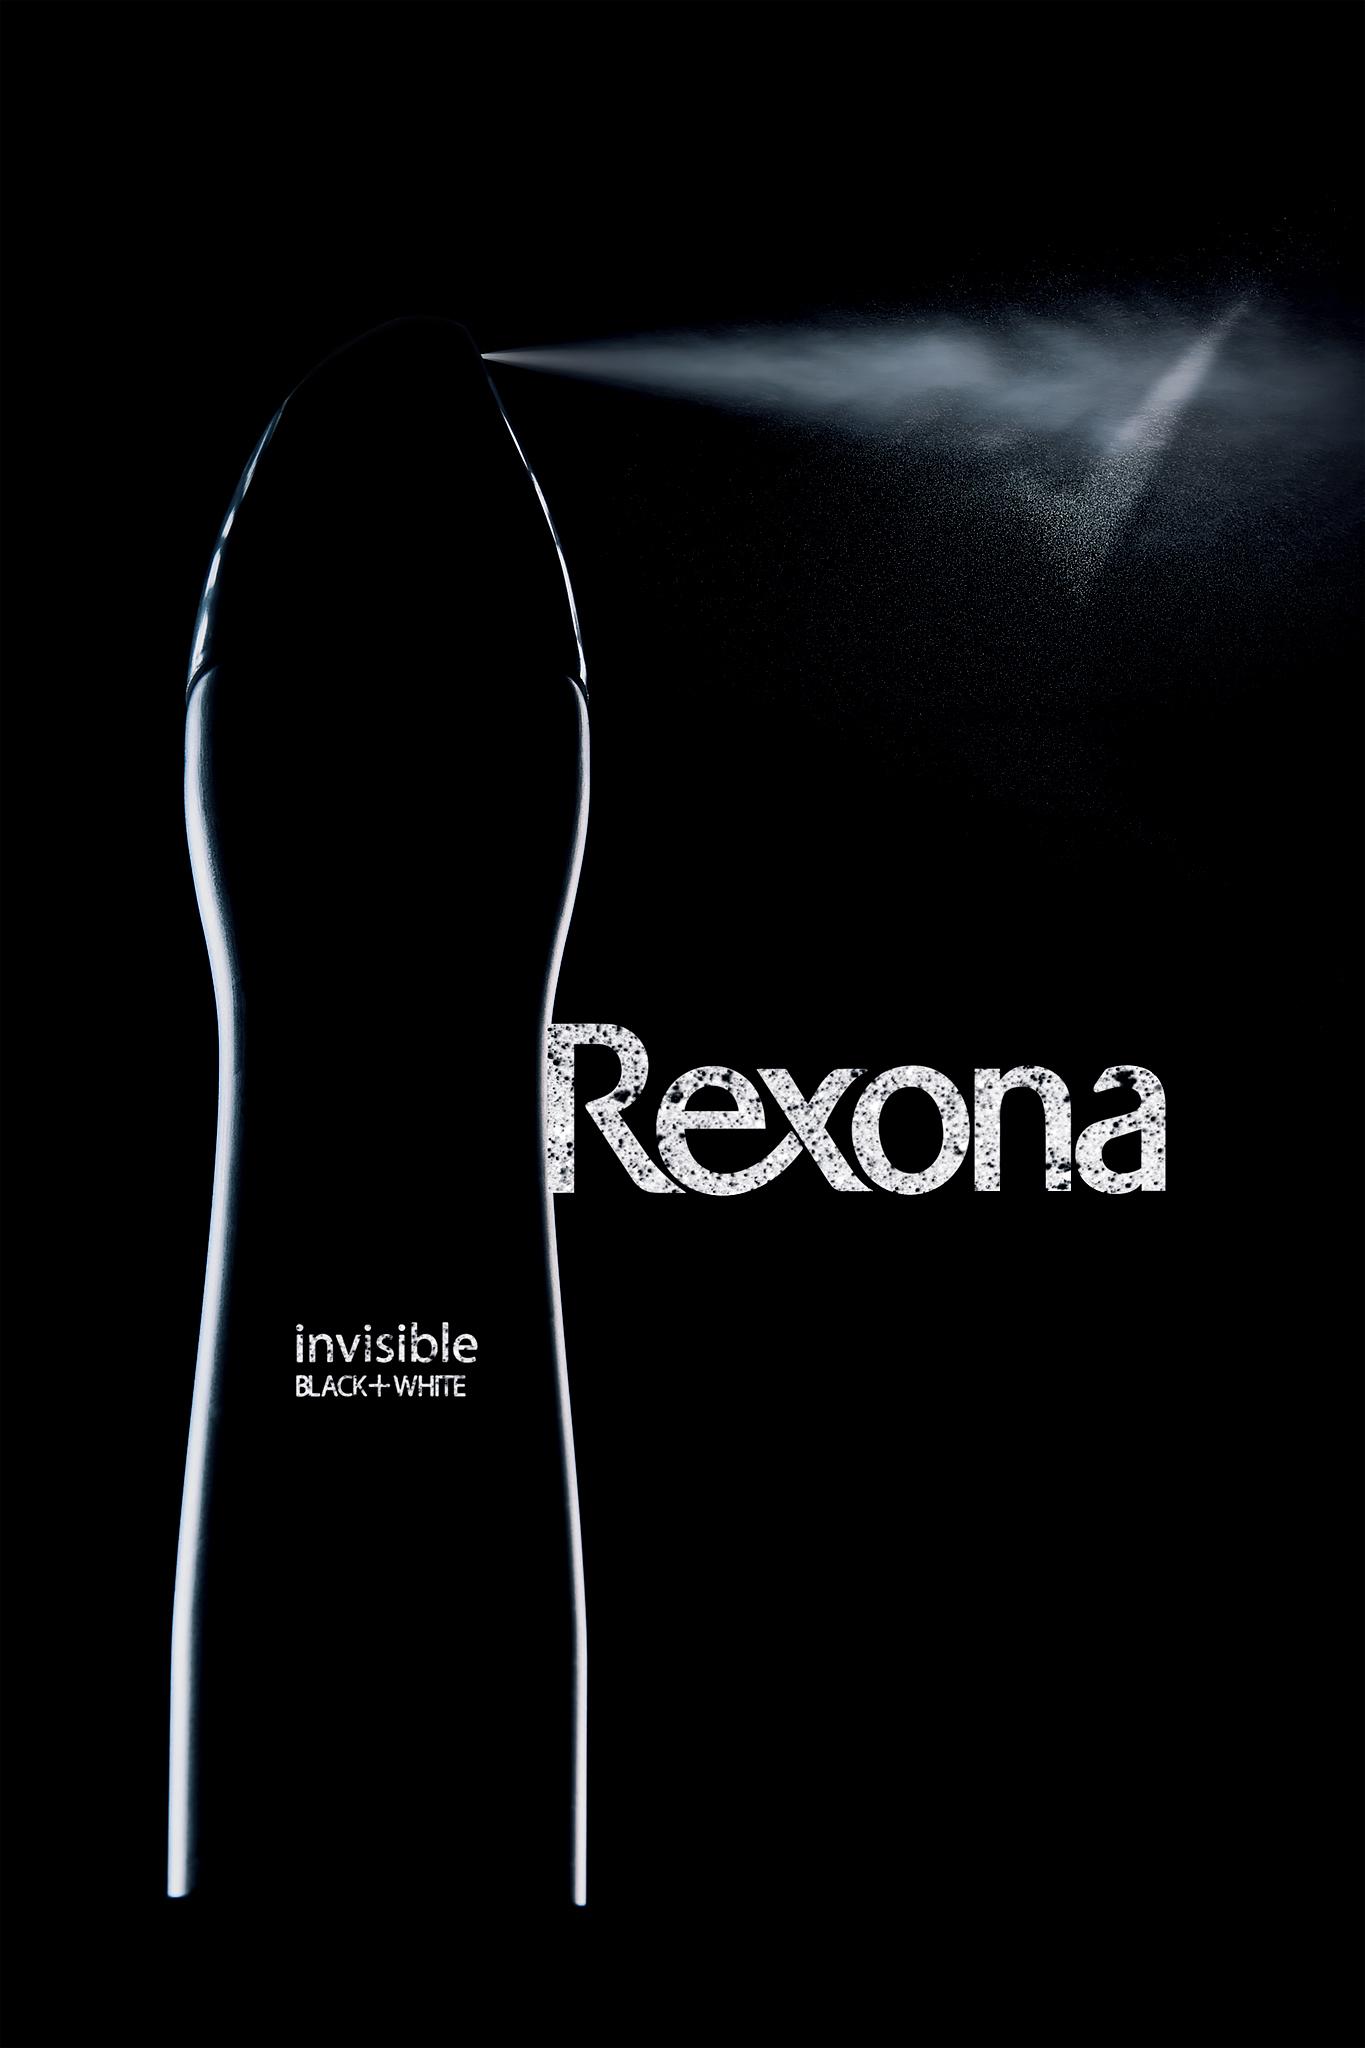 Rexona invisible - Black + White